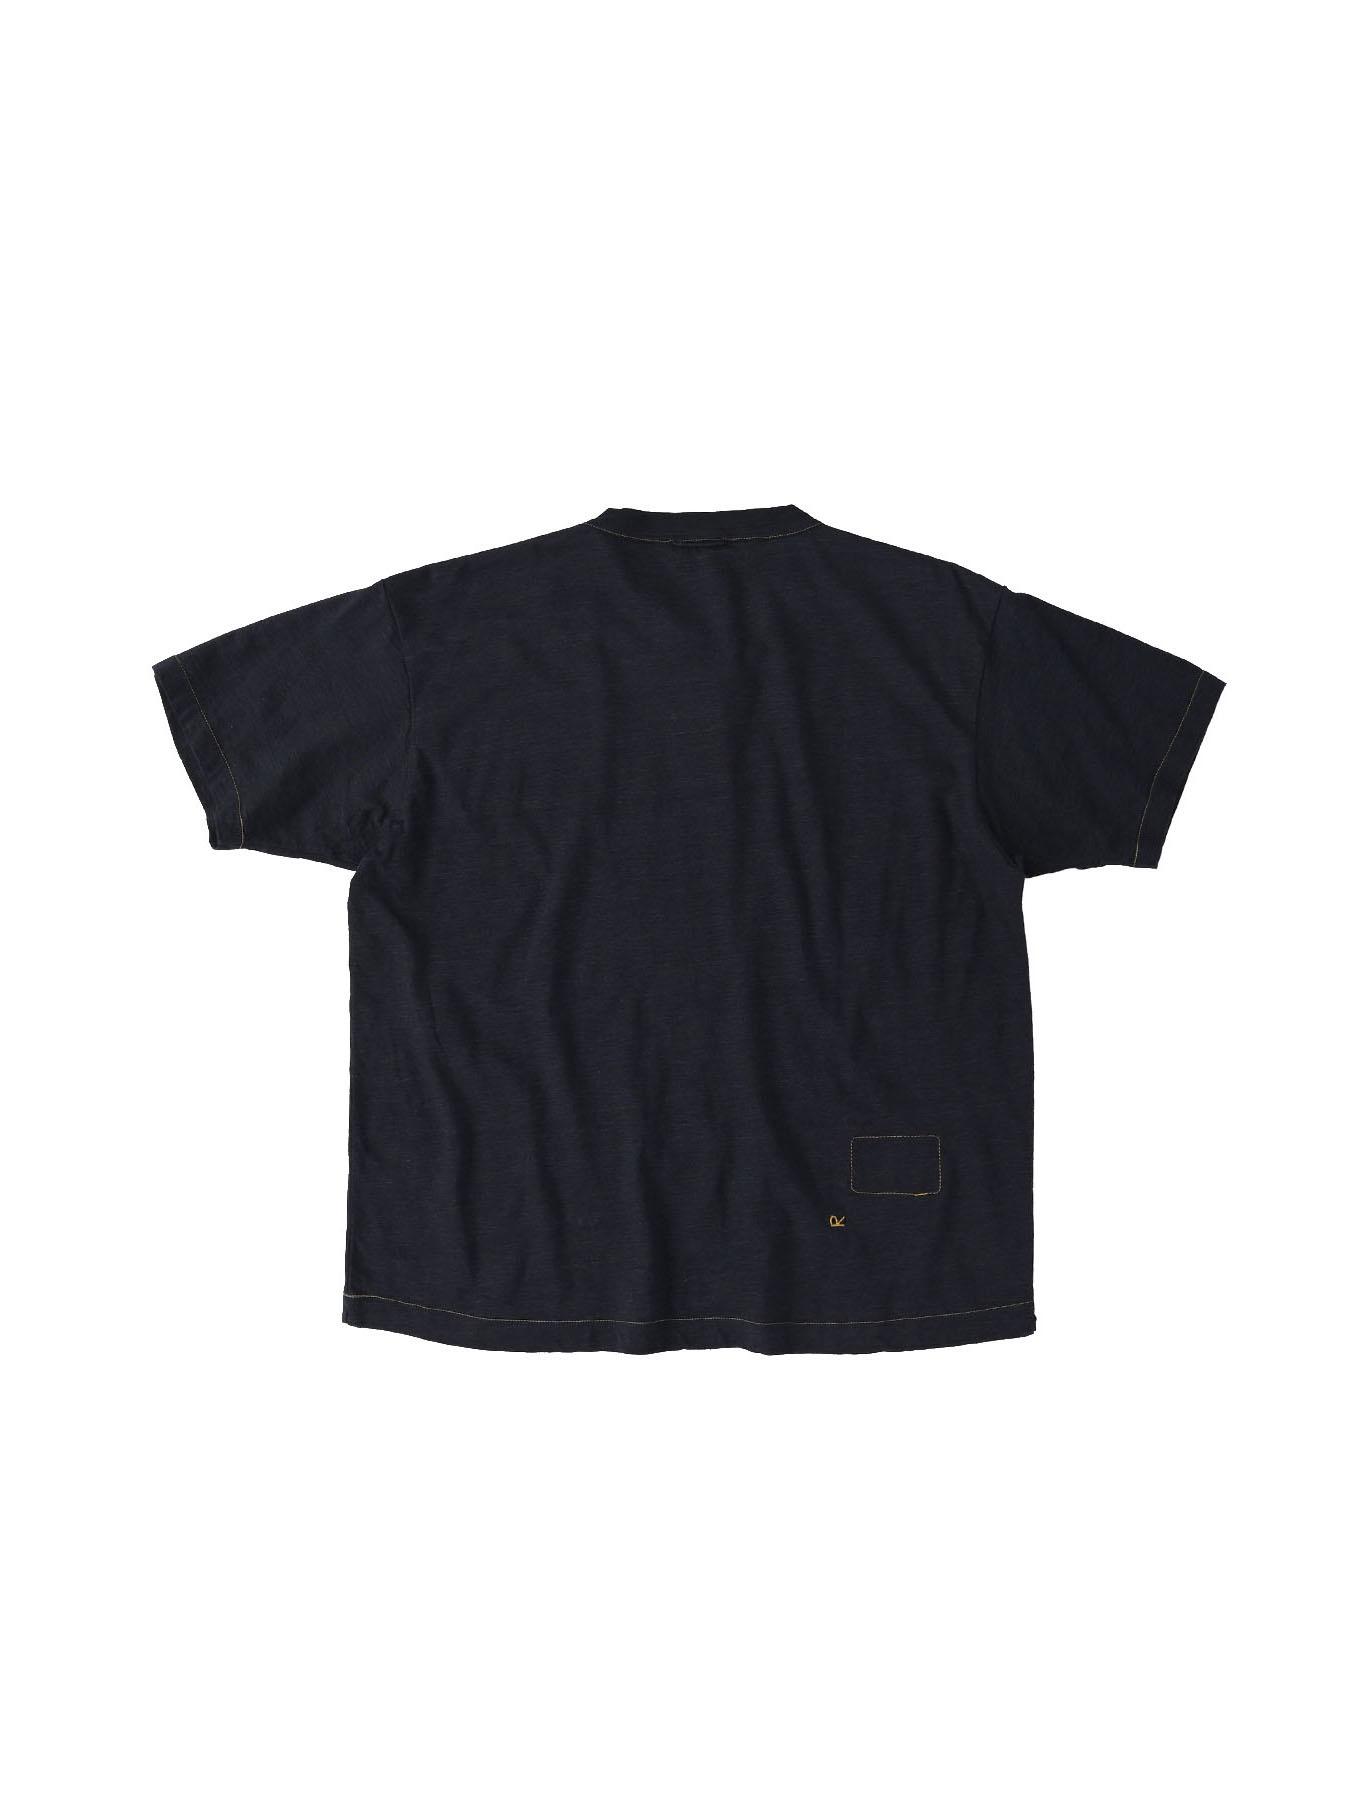 Indigo Sumite de Chicken T-shirt-9